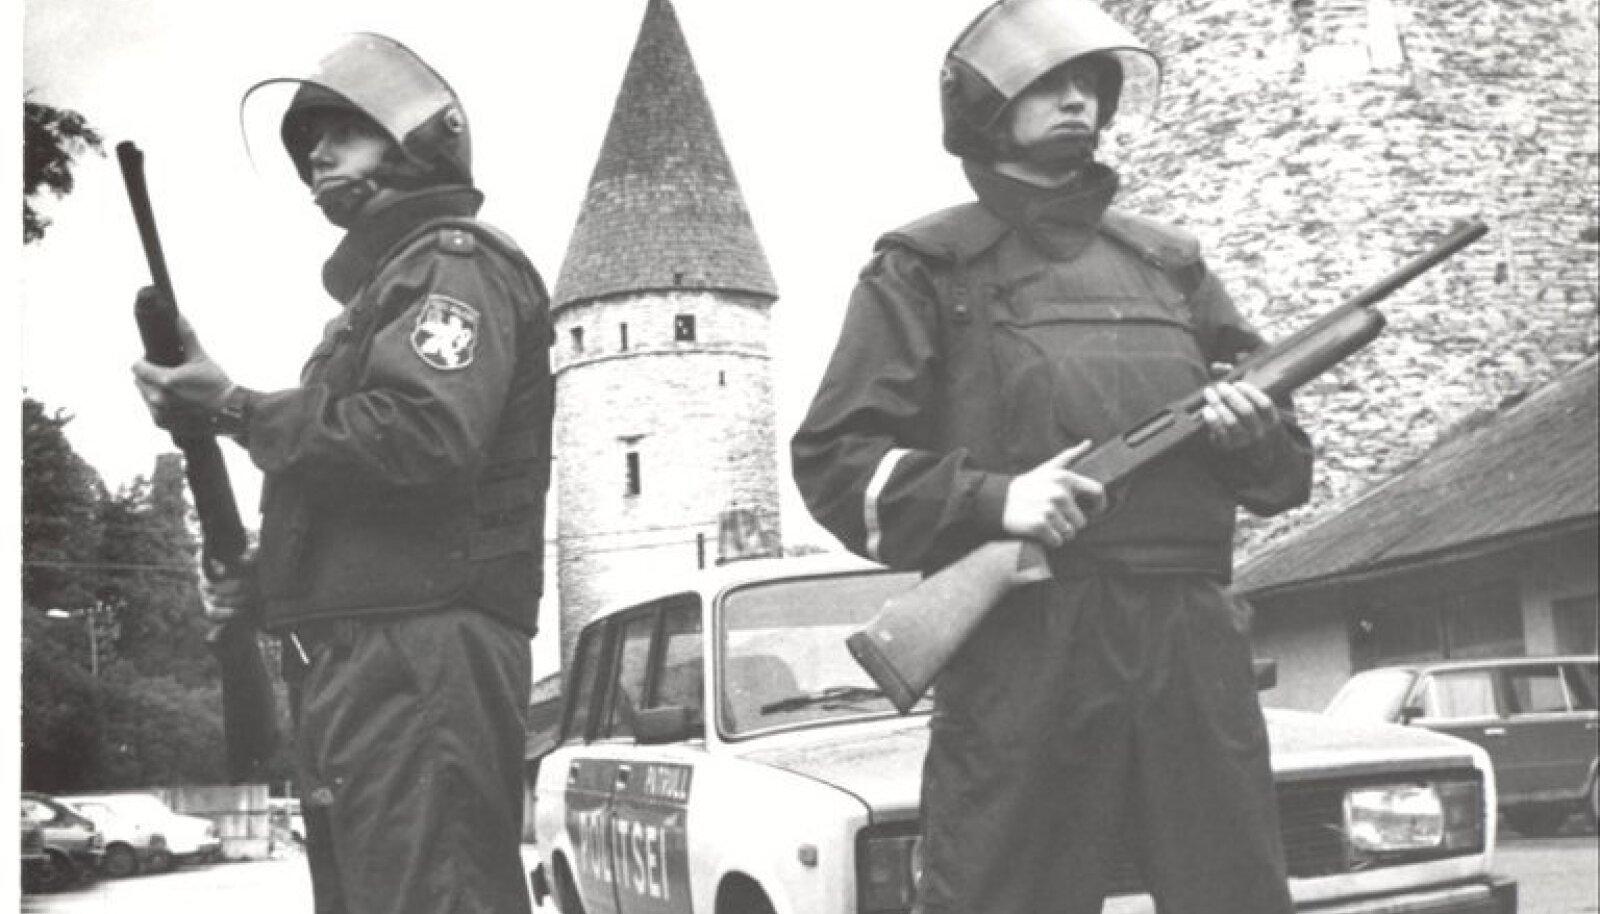 Eesti politsei taasloomisel 1991. aastal tehti politseinikele mõõtude järgi esimesed politseivormid.